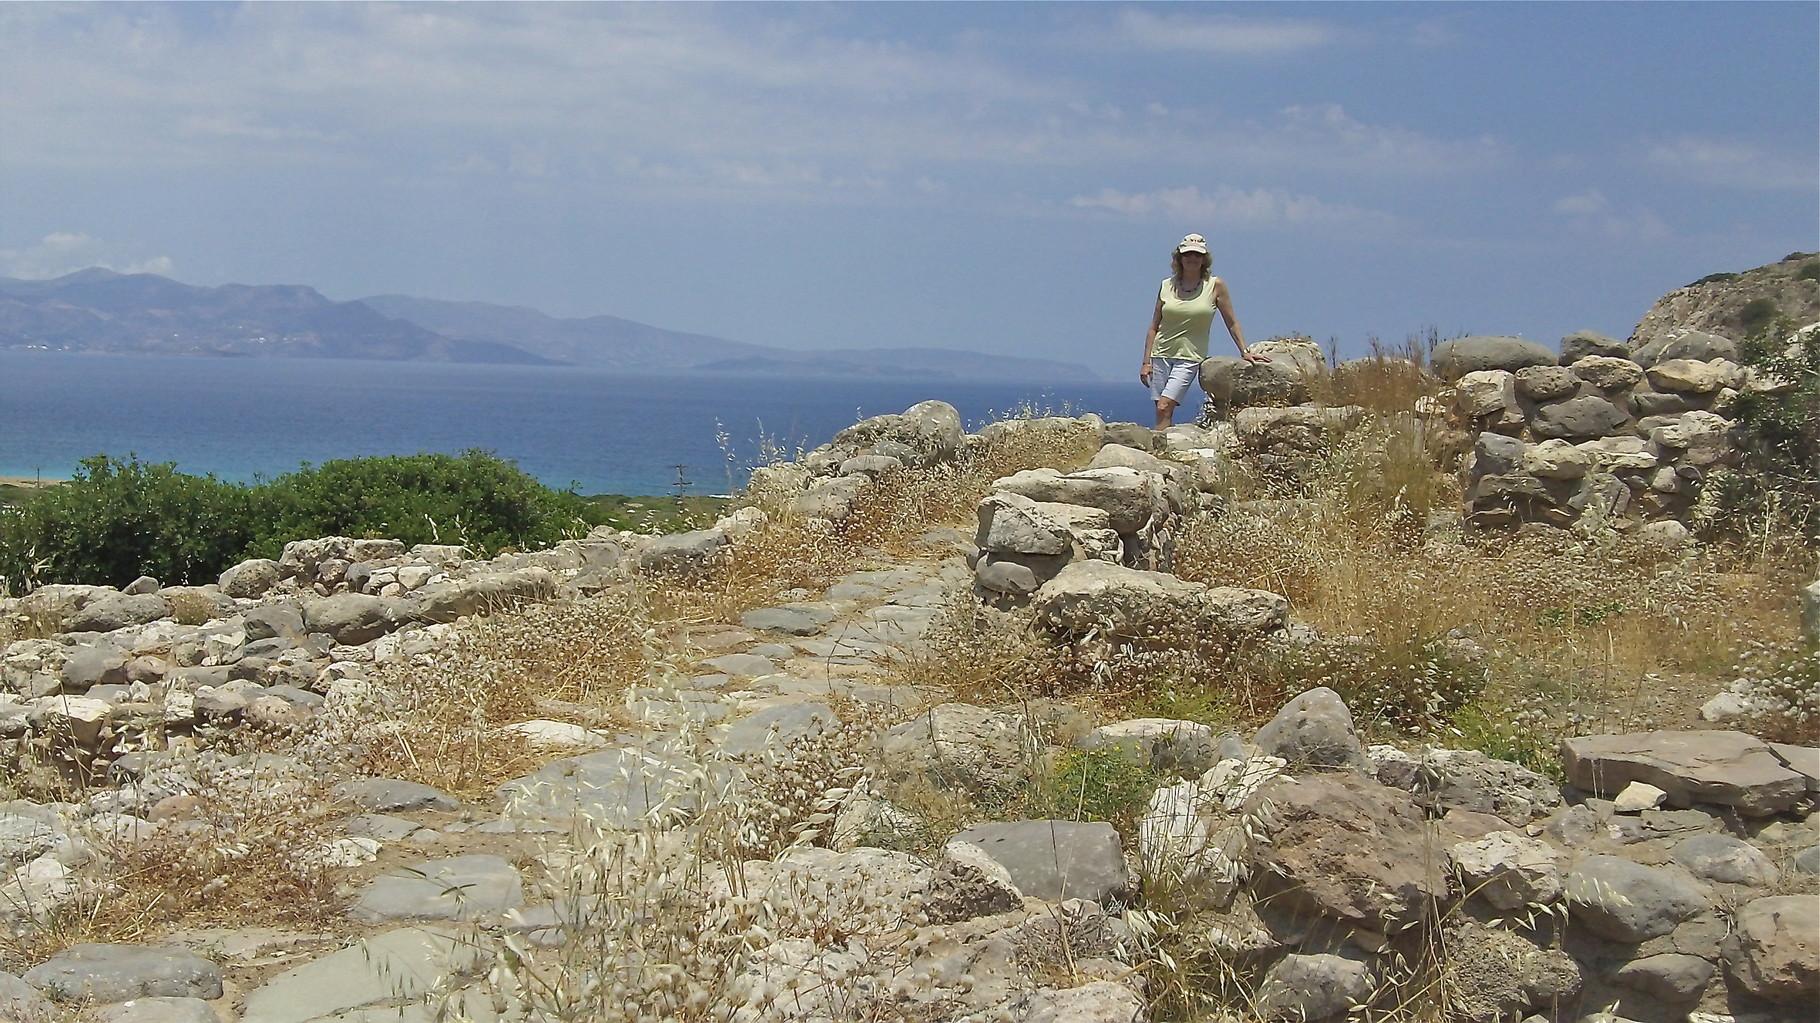 Lorraine at Gournia ruins